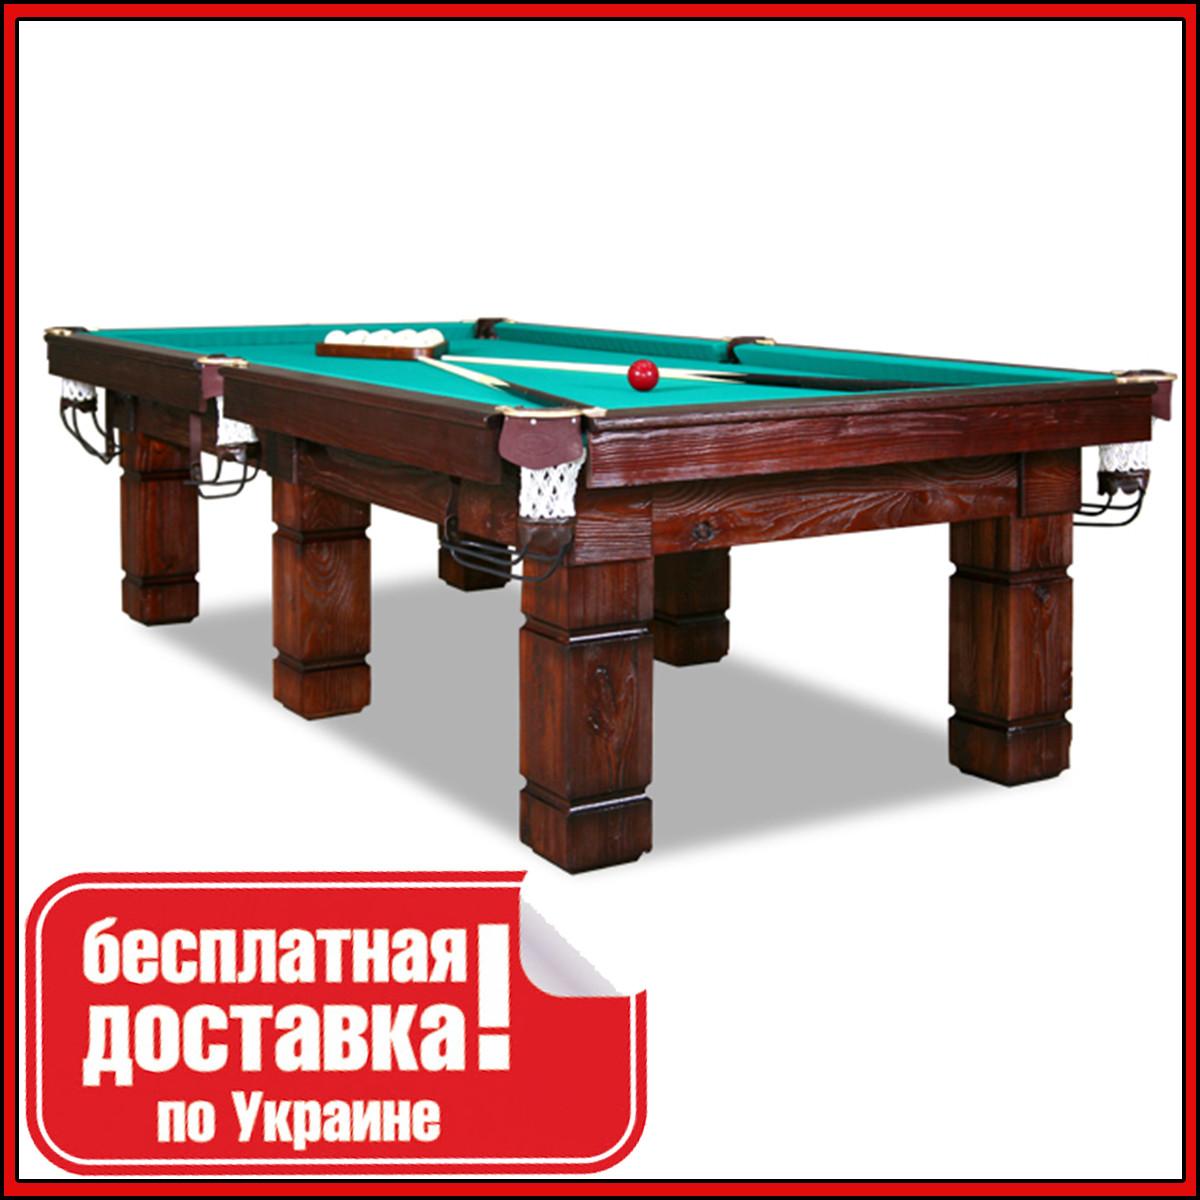 Бильярдный стол для пула АСКОЛЬД 10 футов Ардезия 2.8 м х 1.4 м из натурального дерева